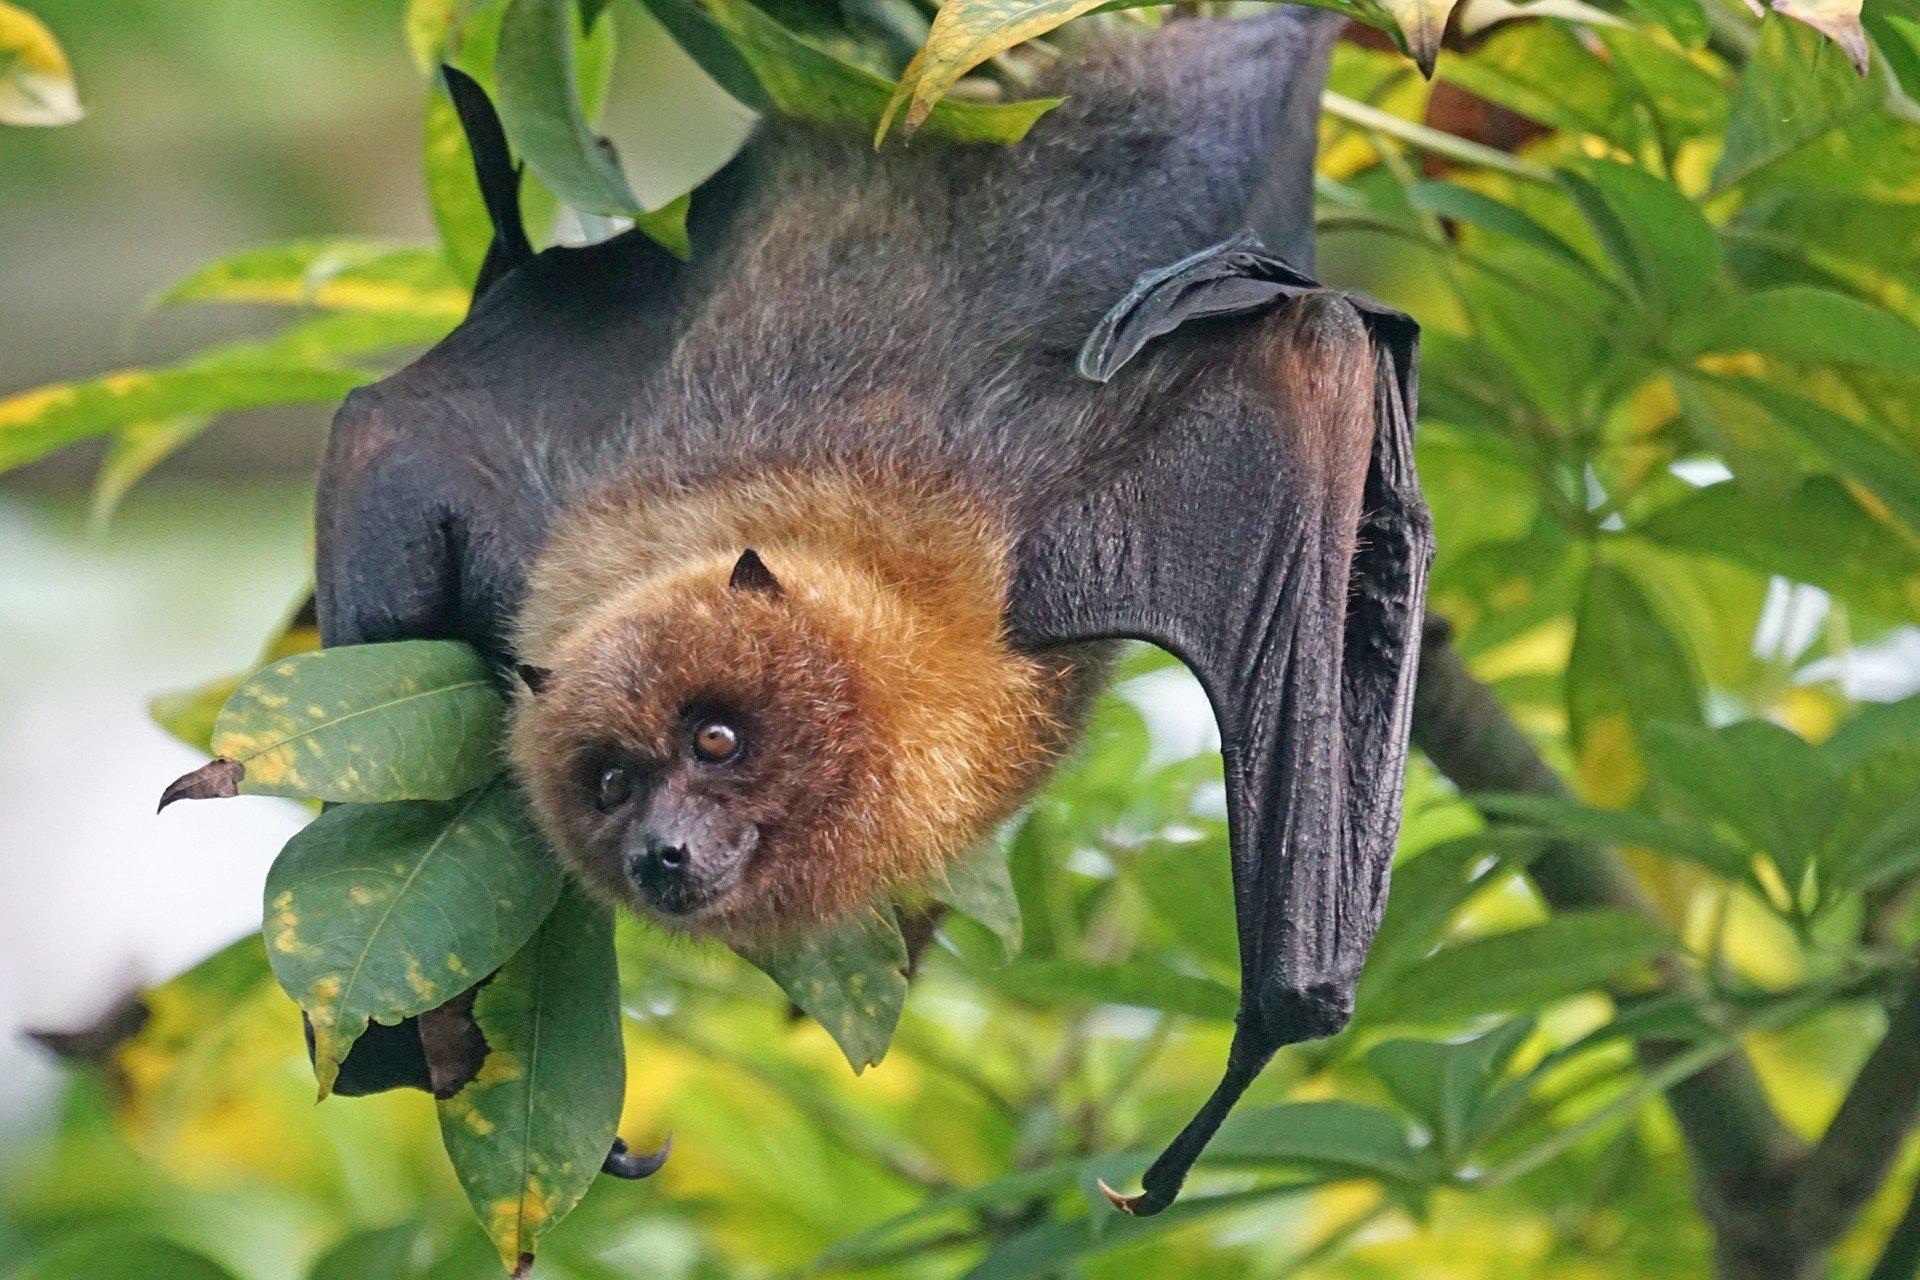 Flughund (flying fox/fruit bats)